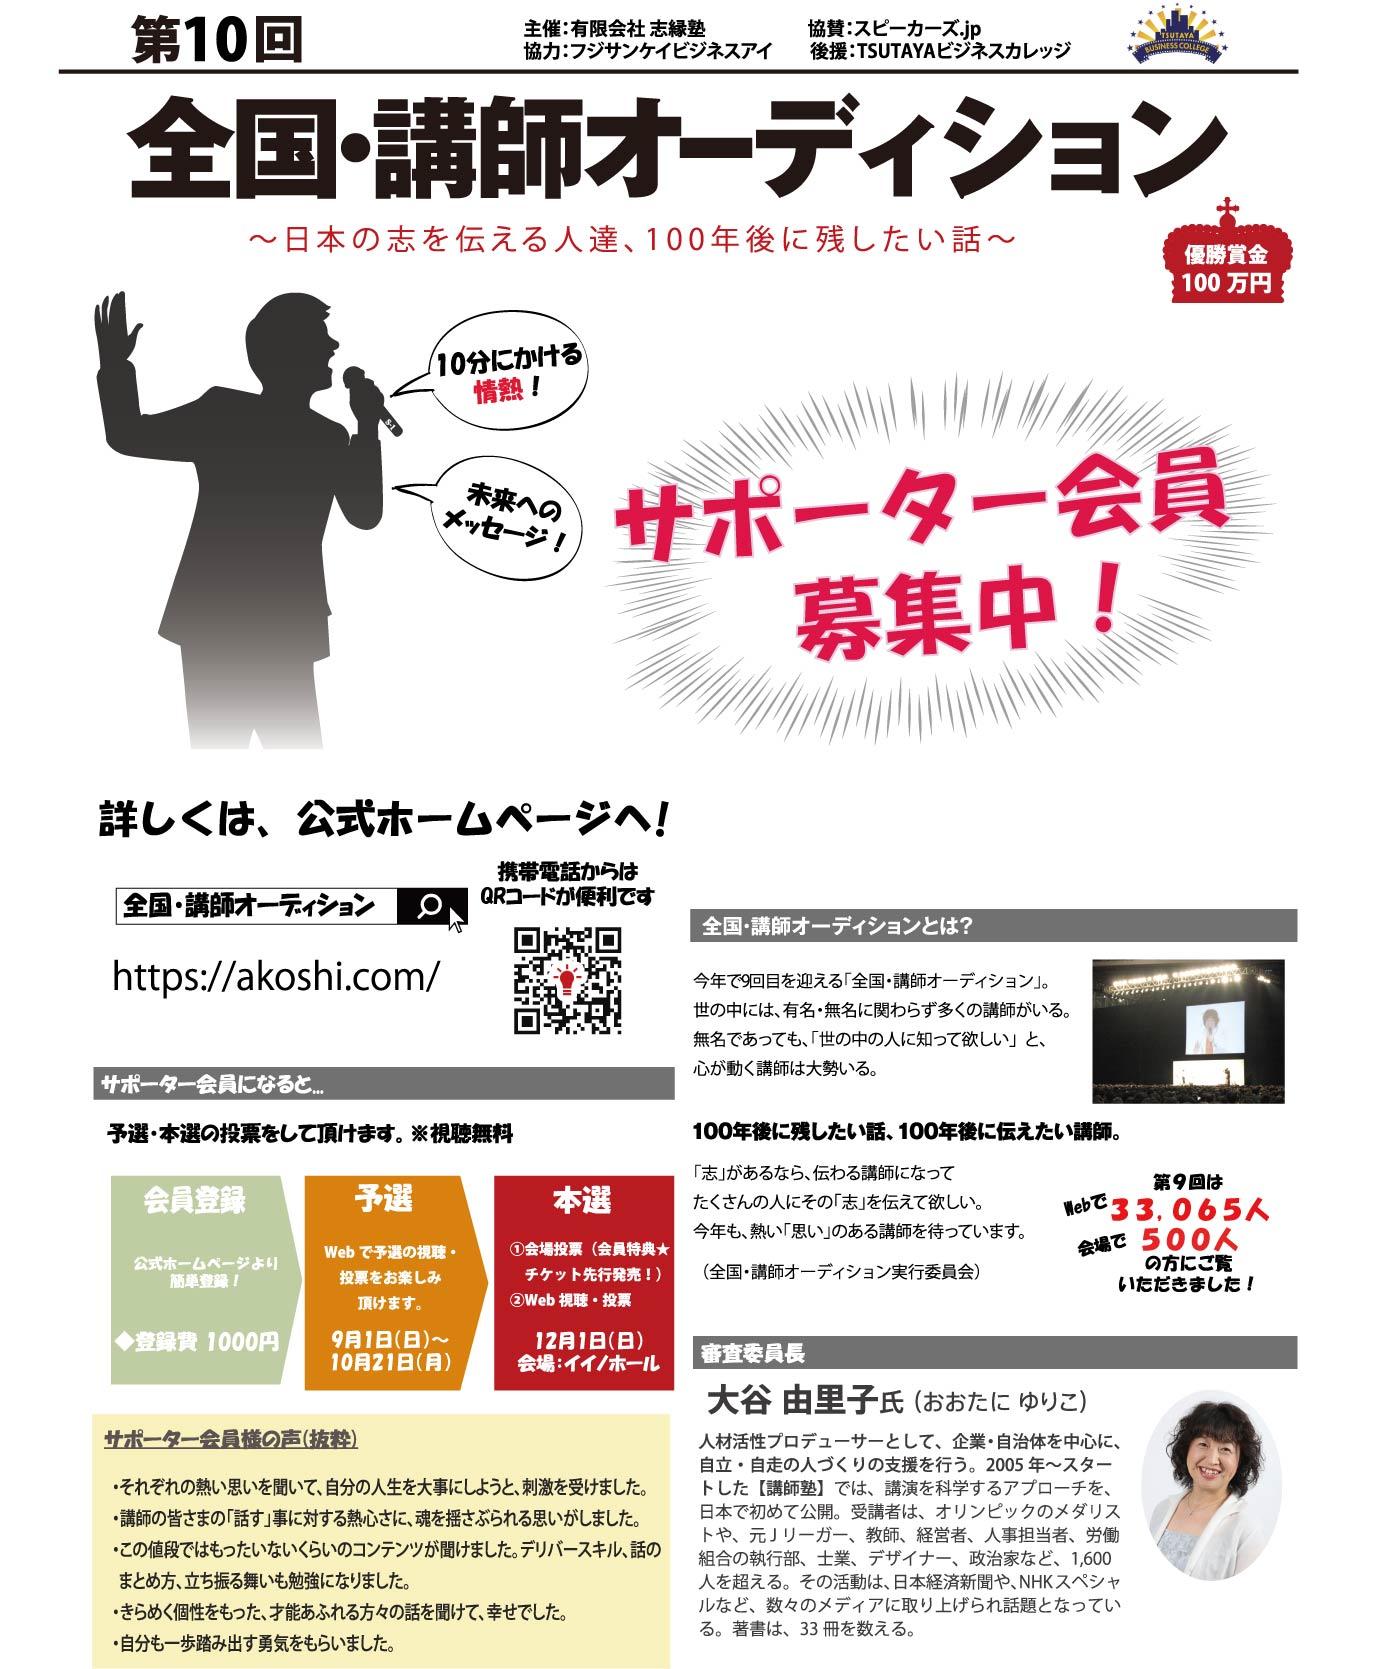 講師オーディションチラシ_サポーター会員用2019 表改.jpg